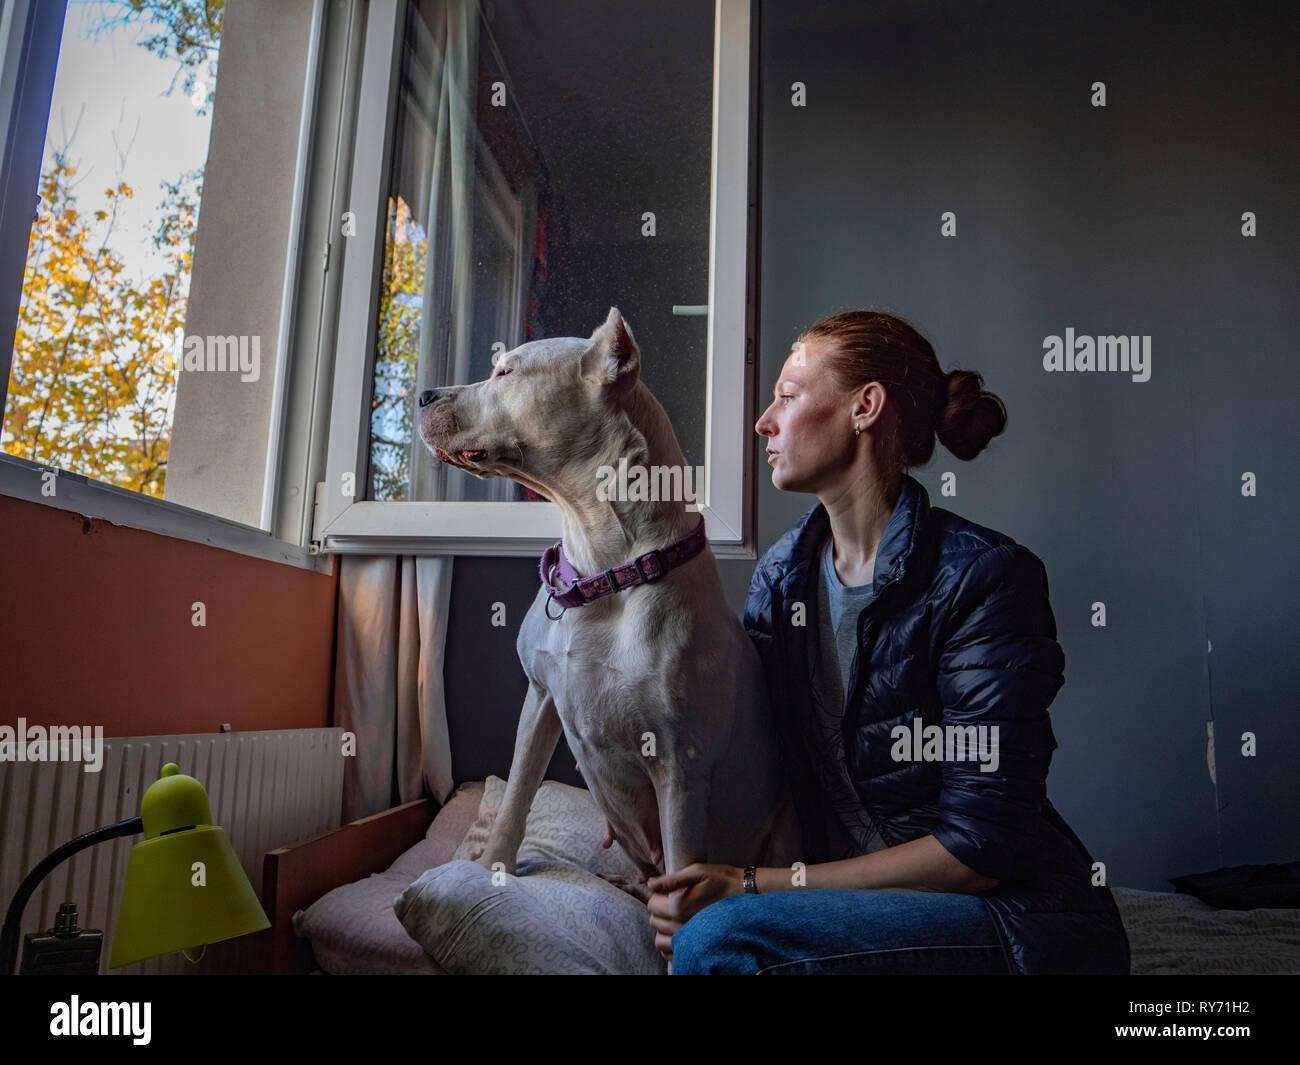 Femme avec grand danois à la fenêtre par while sitting on bed at home Banque D'Images